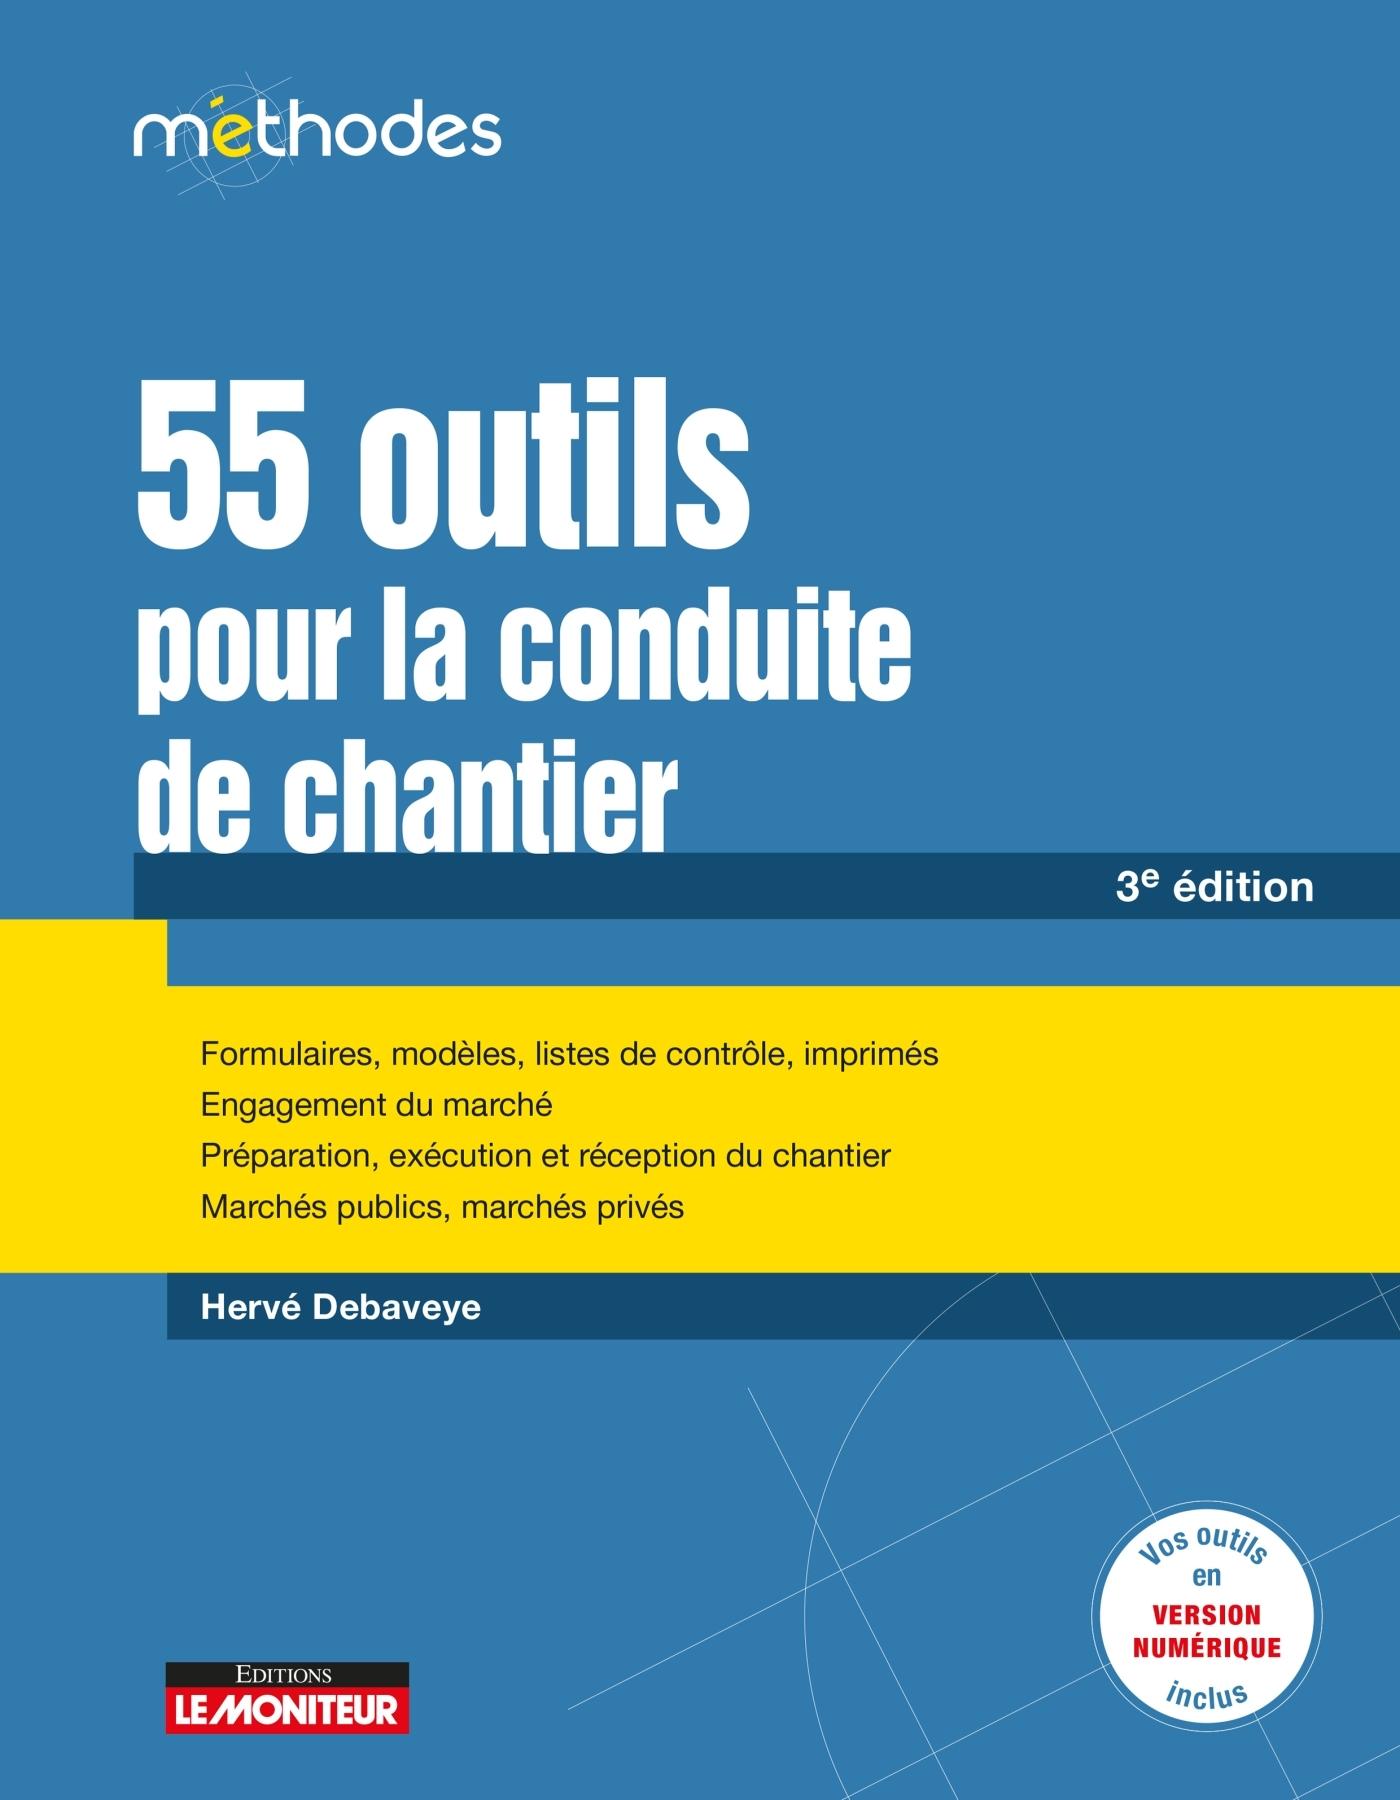 LE MONITEUR - 3E EDITION 2020 - 55 OUTILS POUR LA CONDUITE DE CHANTIER - FORMULAIRES, MODELES, LISTE